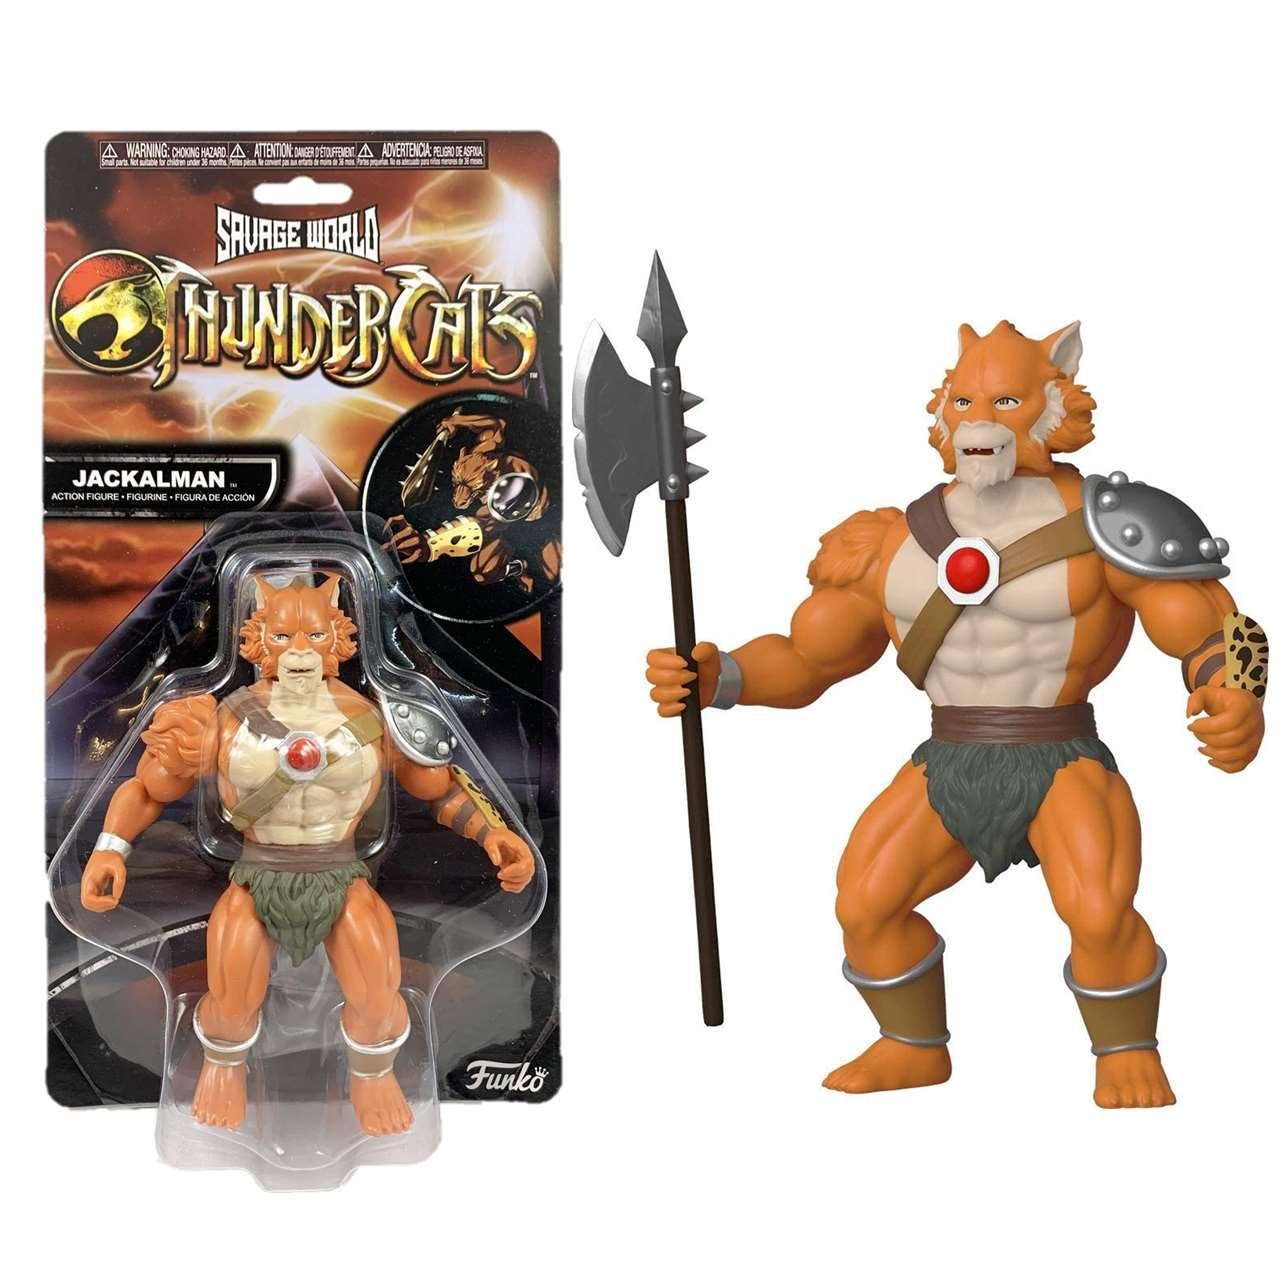 Jackalman Figura Funko Savage World Thundercats